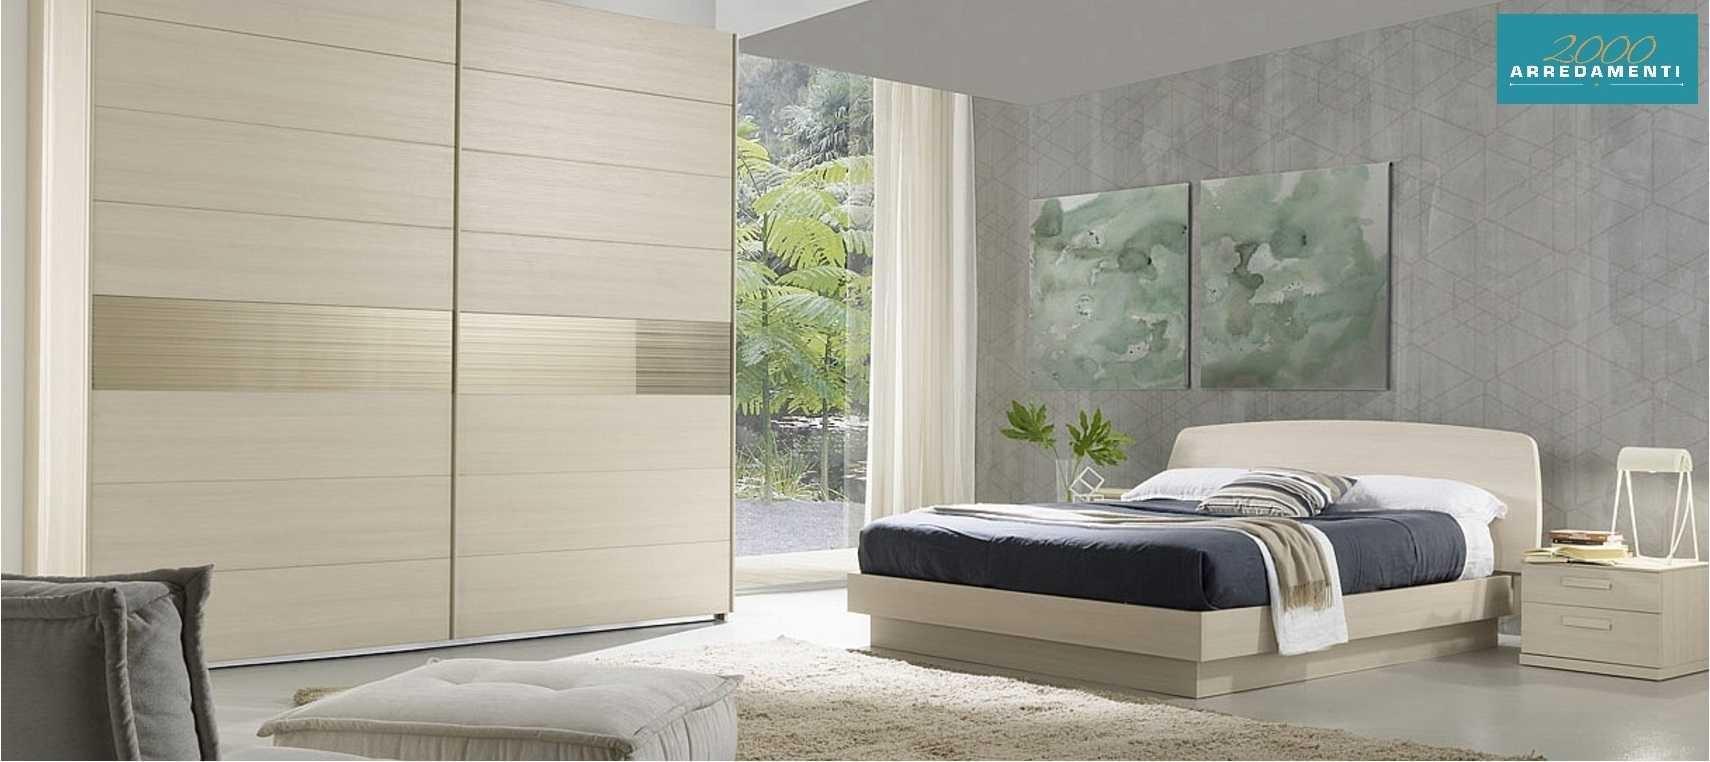 Camera completa con letto contenitore offertissima - Camera di letto completa ...